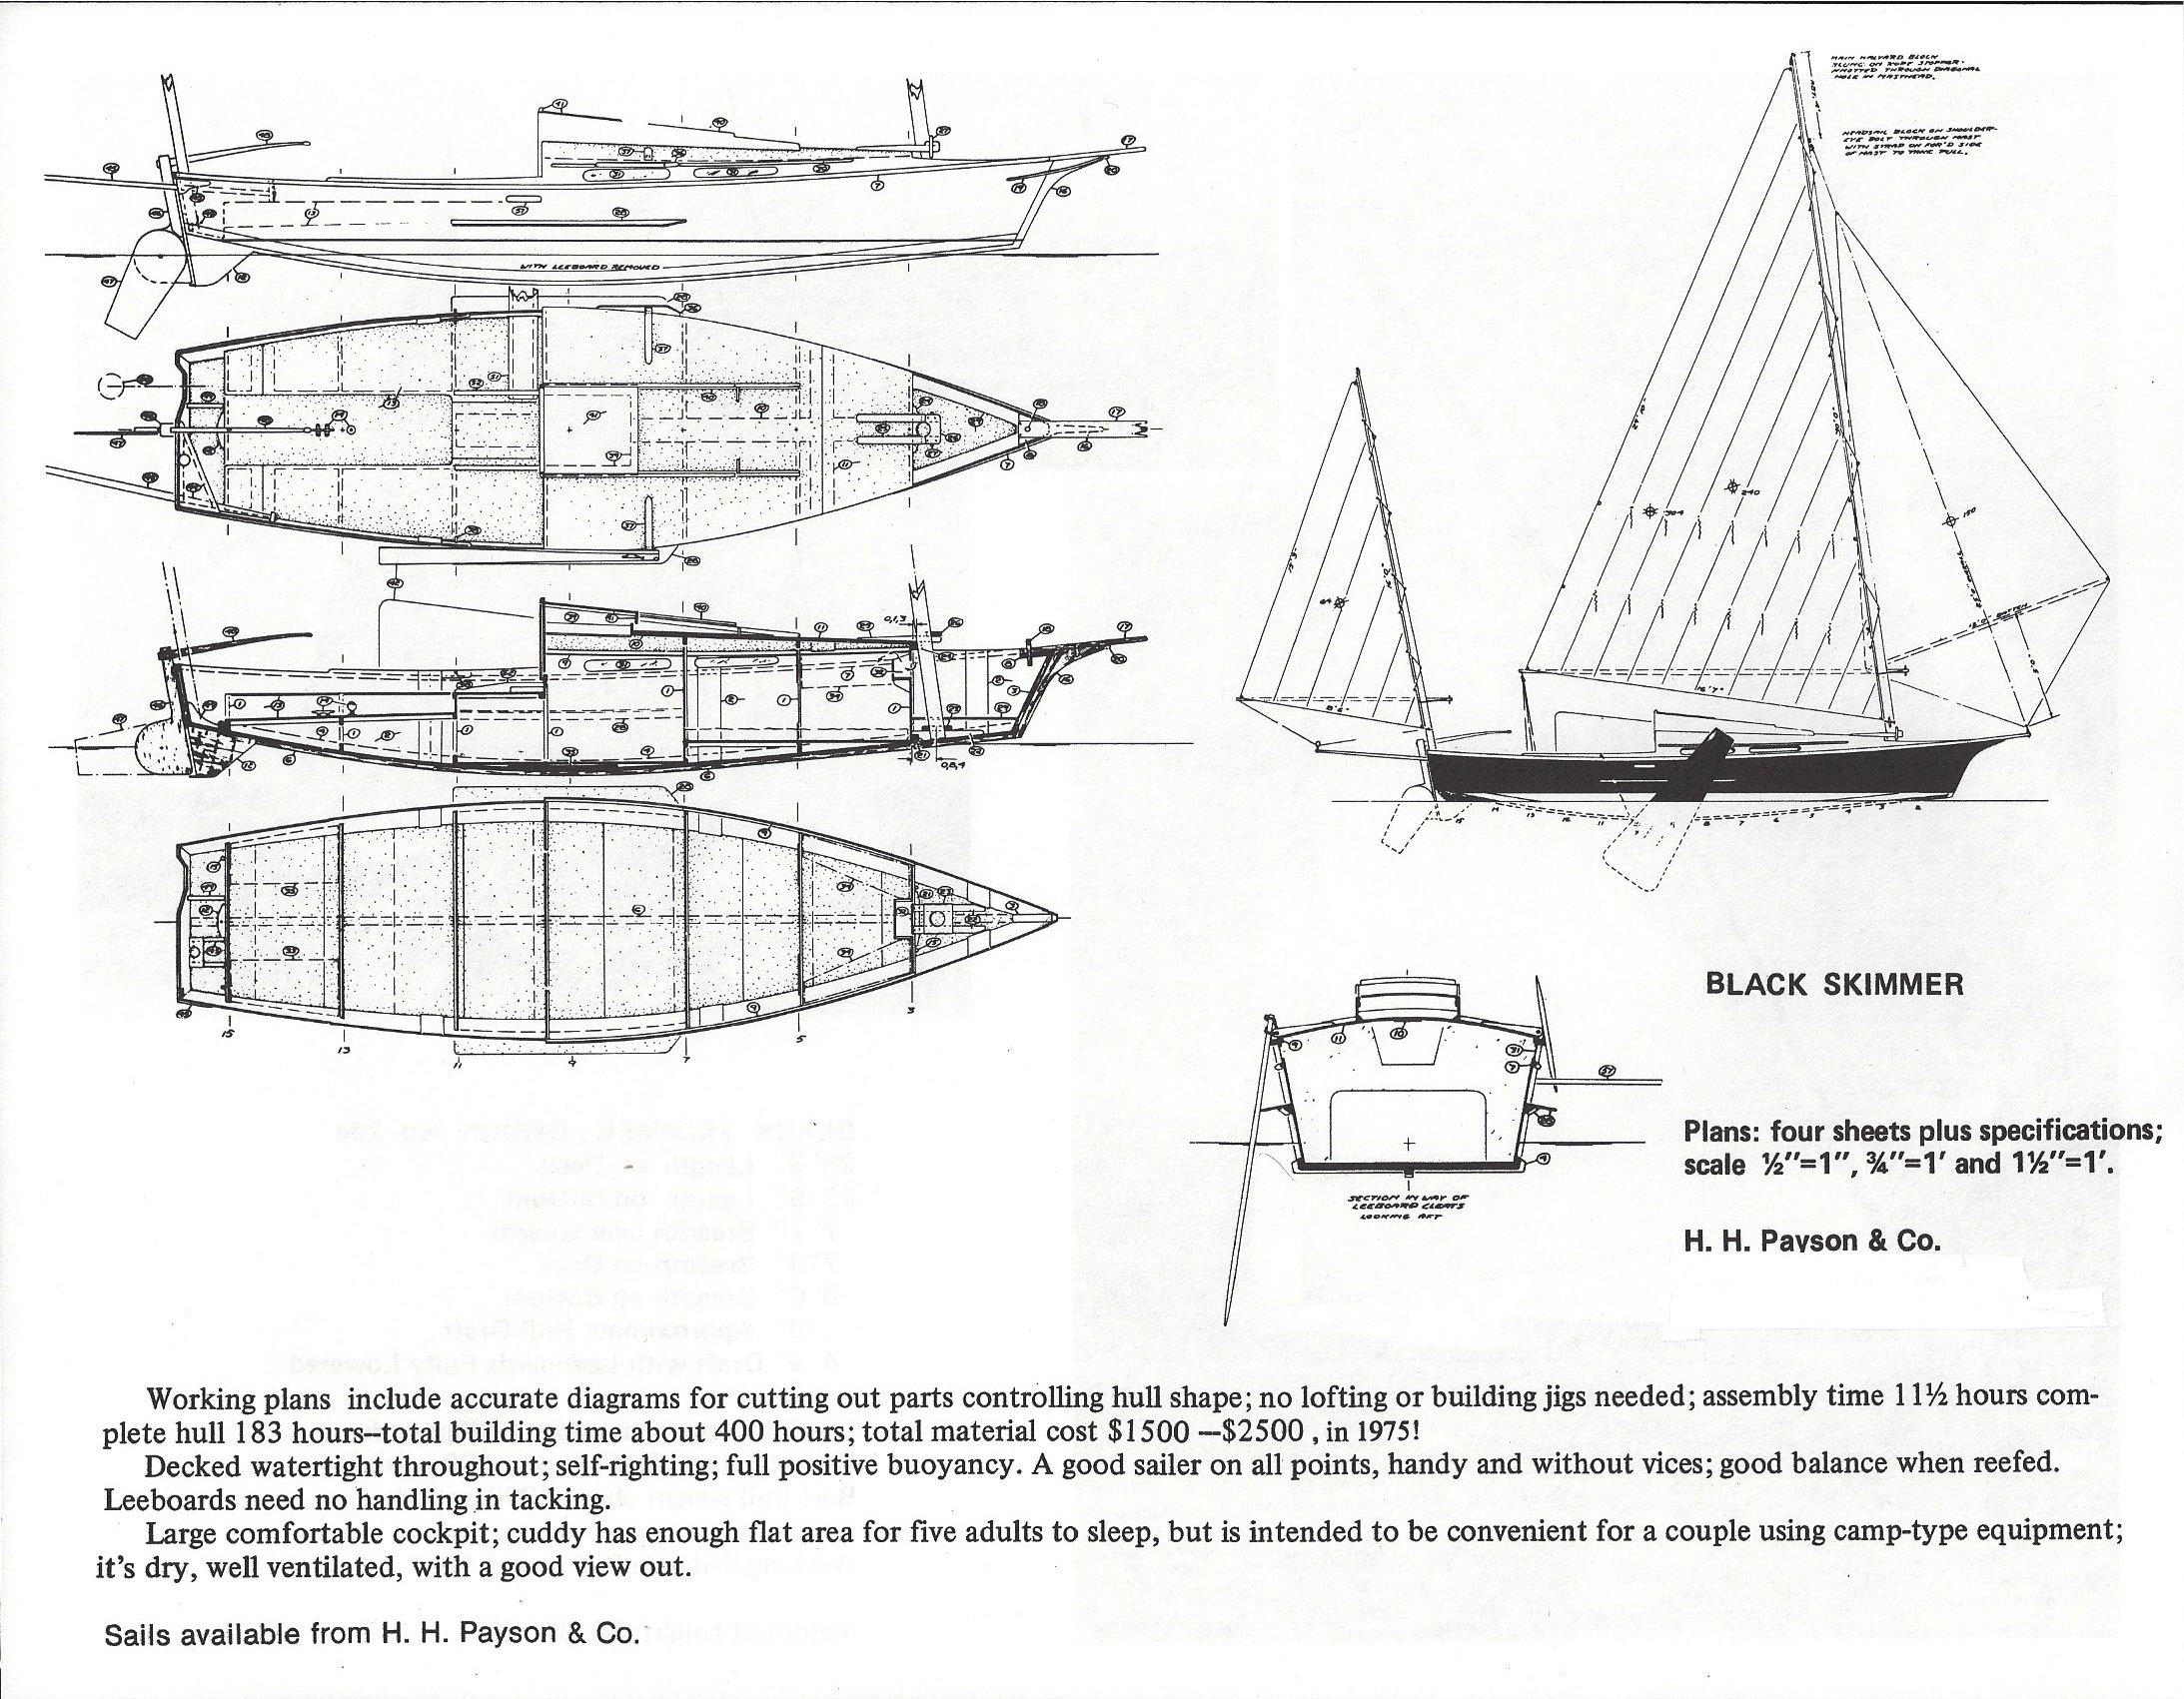 Black Skimmer 25'-3